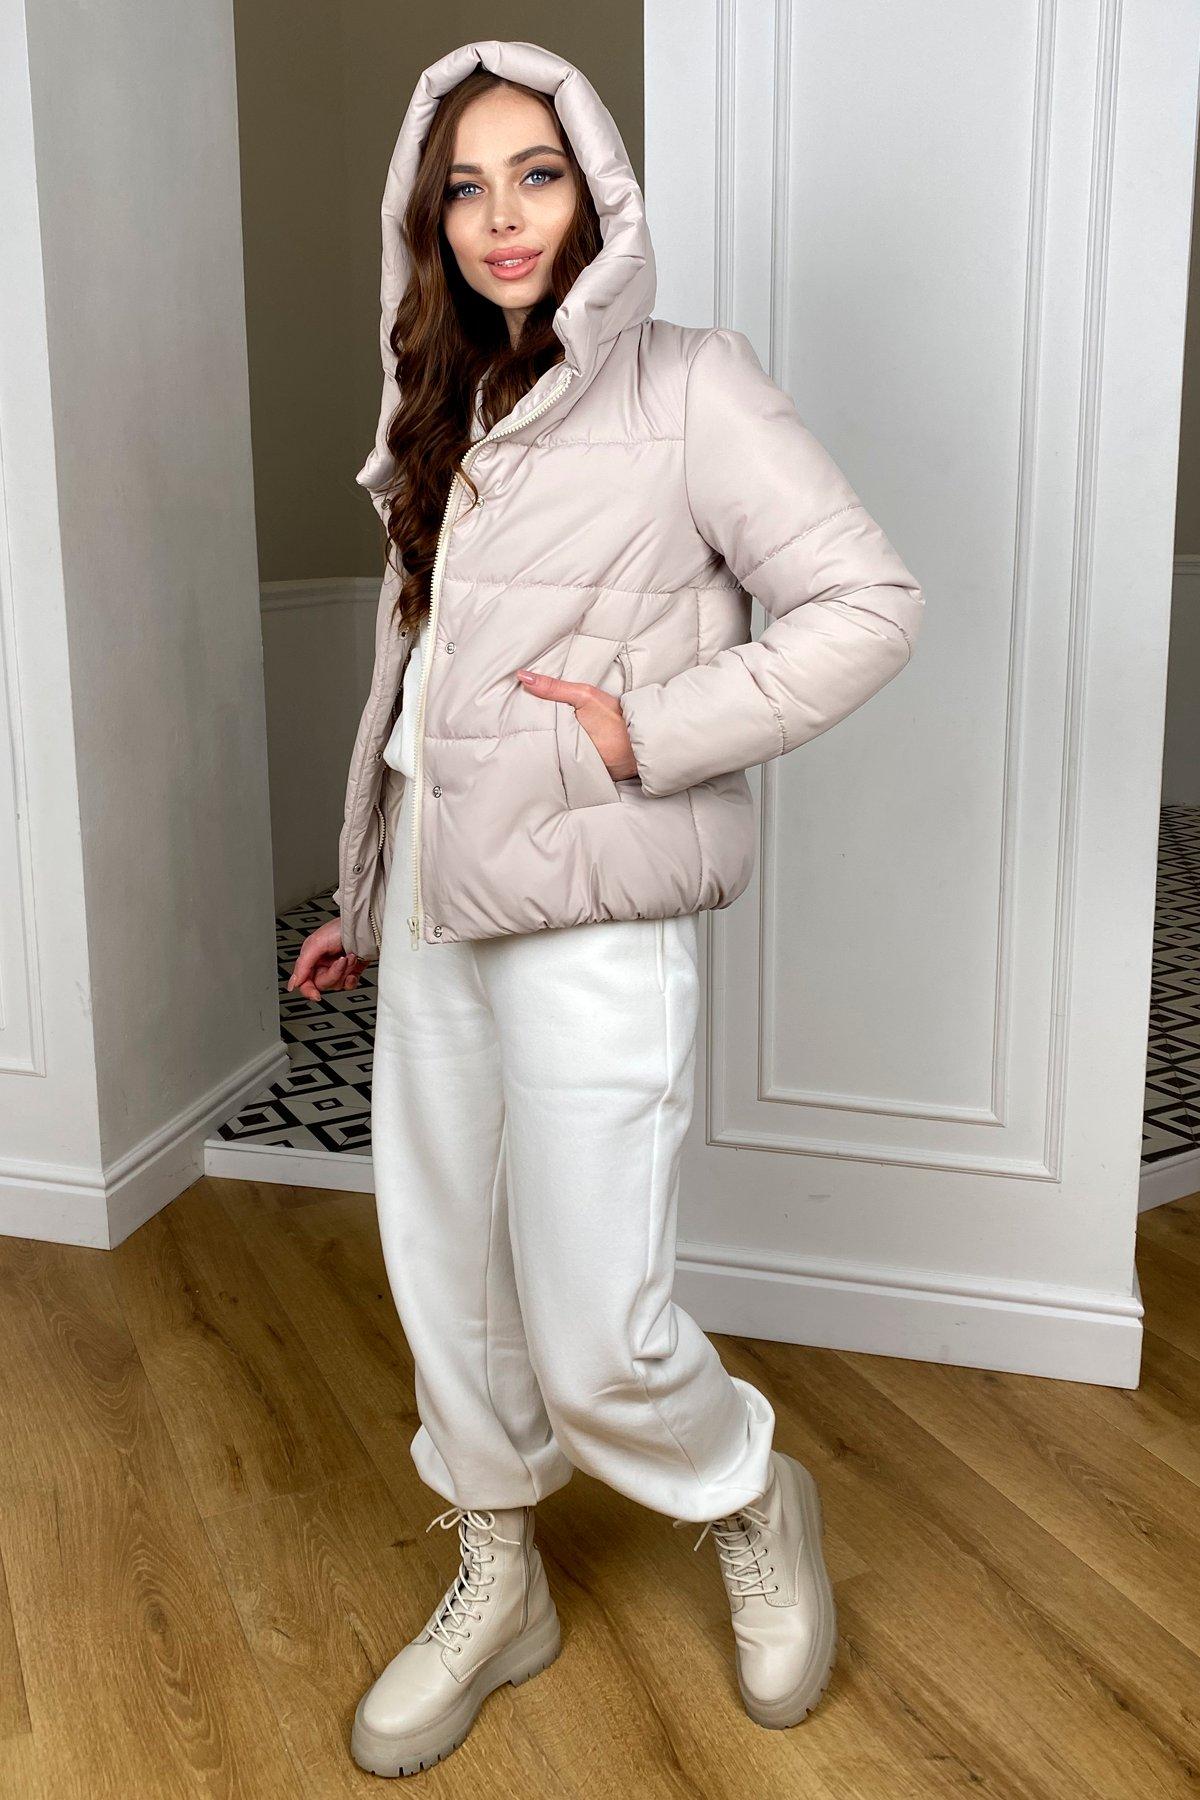 Рито  куртка из плащевой ткани Ammy  10443 АРТ. 46764 Цвет: Бежевый 511 - фото 3, интернет магазин tm-modus.ru